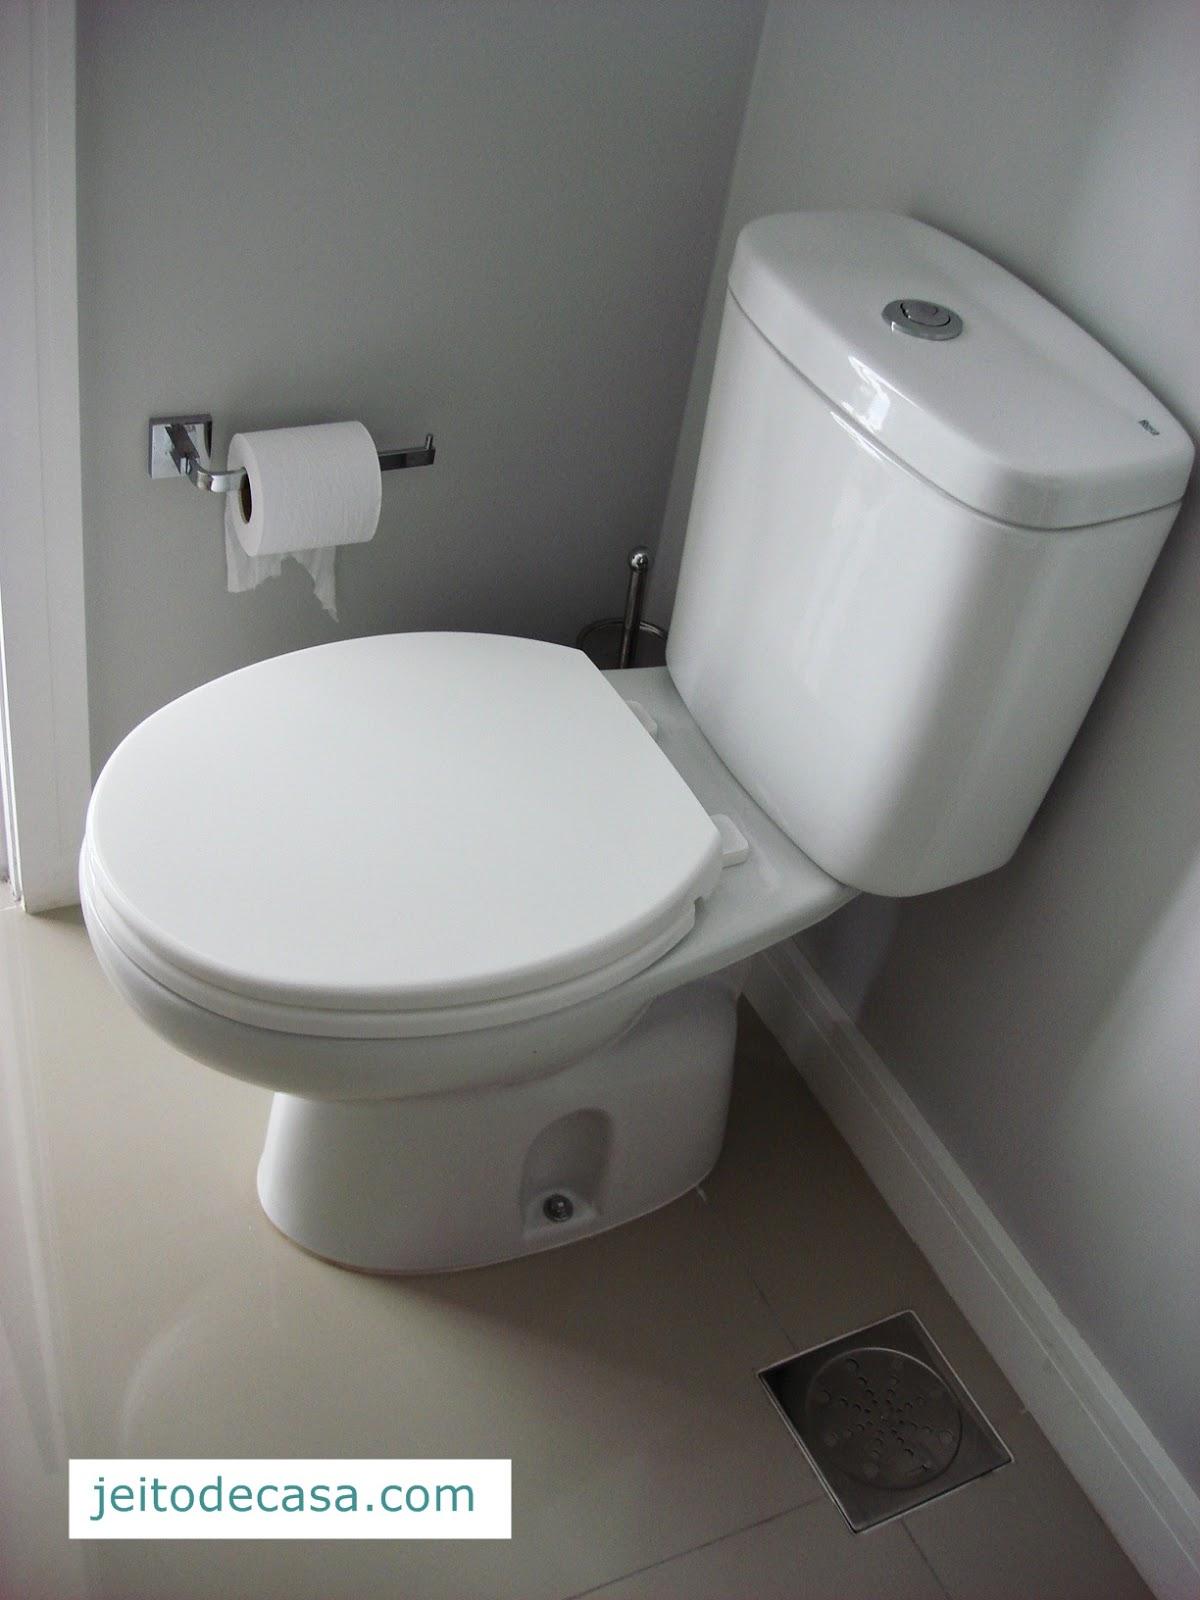 Jeito de casa blog de decora o e arquitetura lavabo for Sanitarios roca modelos